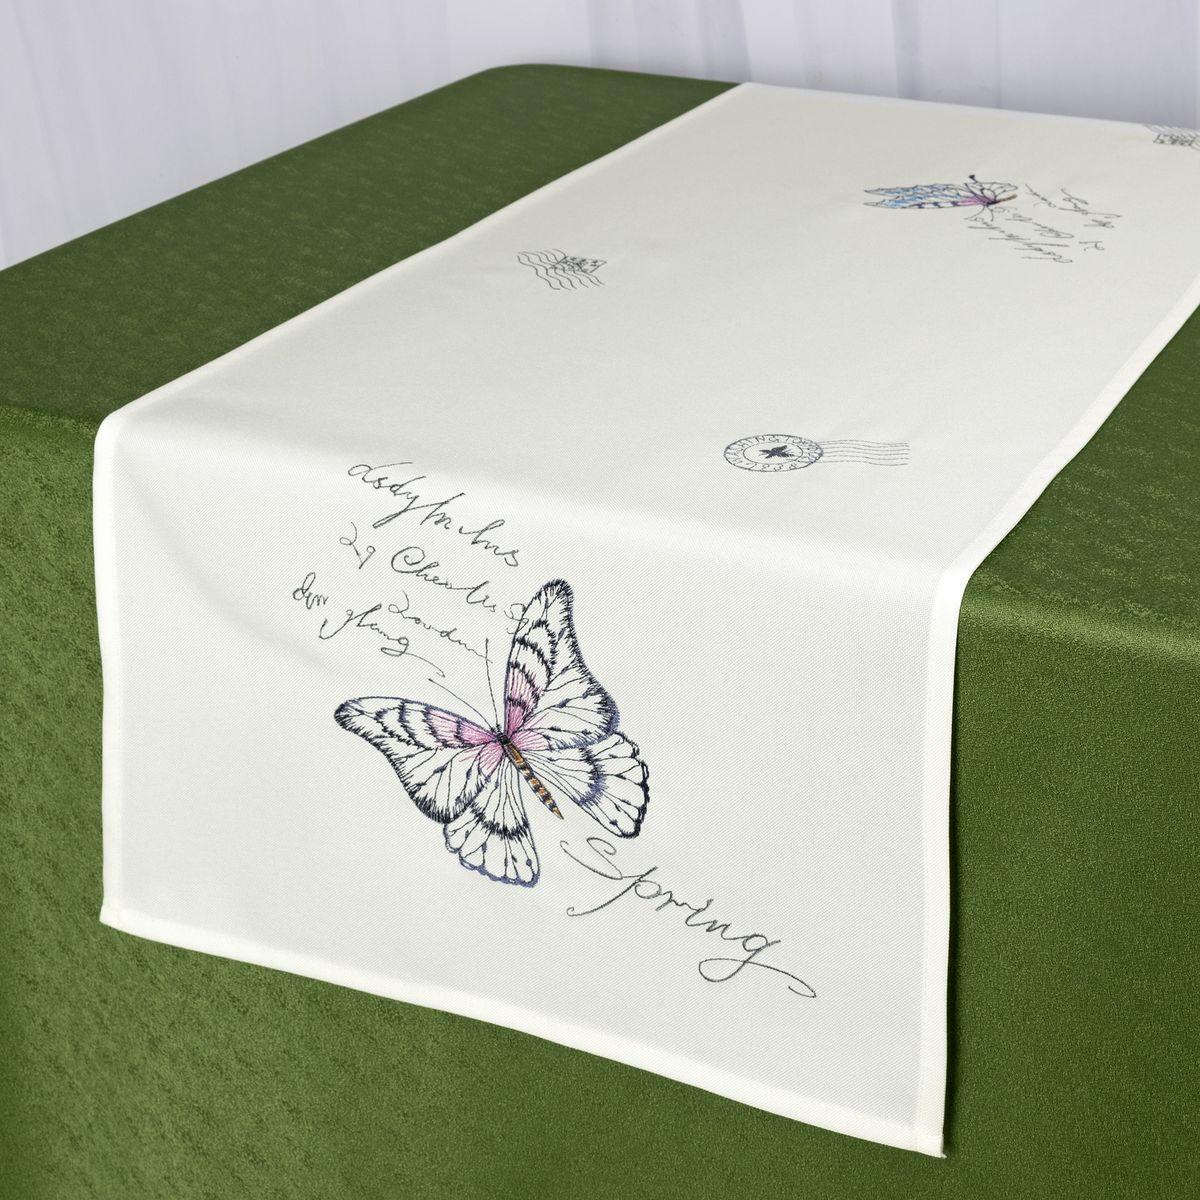 Дорожка для декорирования стола Schaefer, 40 x 140 см, цвет: белый. 07730-211 dress 98 116 cm